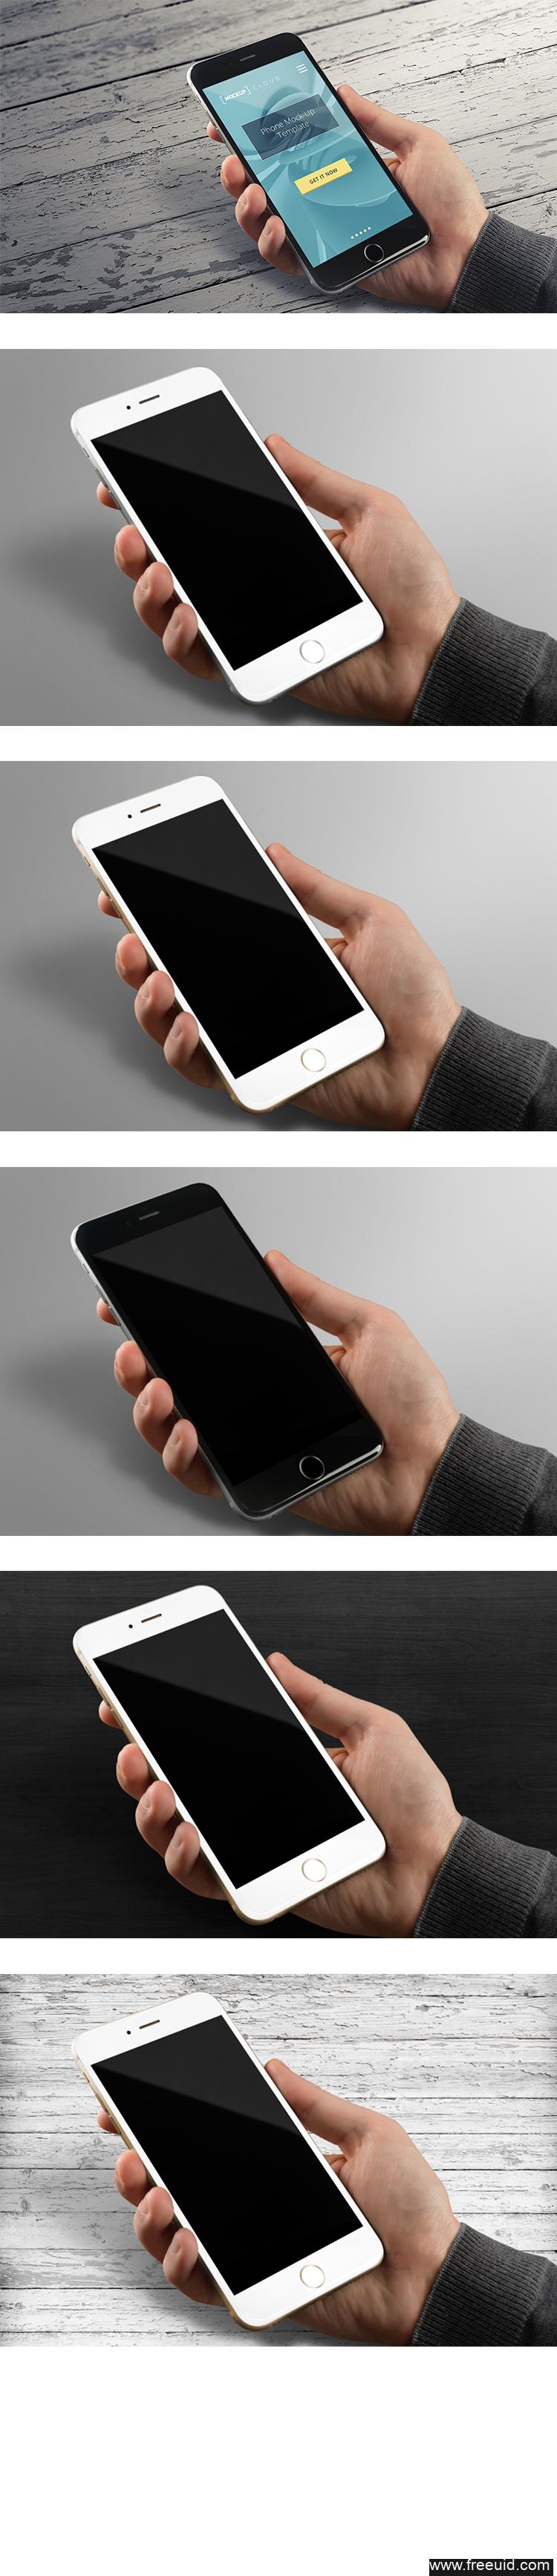 iphone 6手机多款样机模板psd源文件下载(可自换背景)